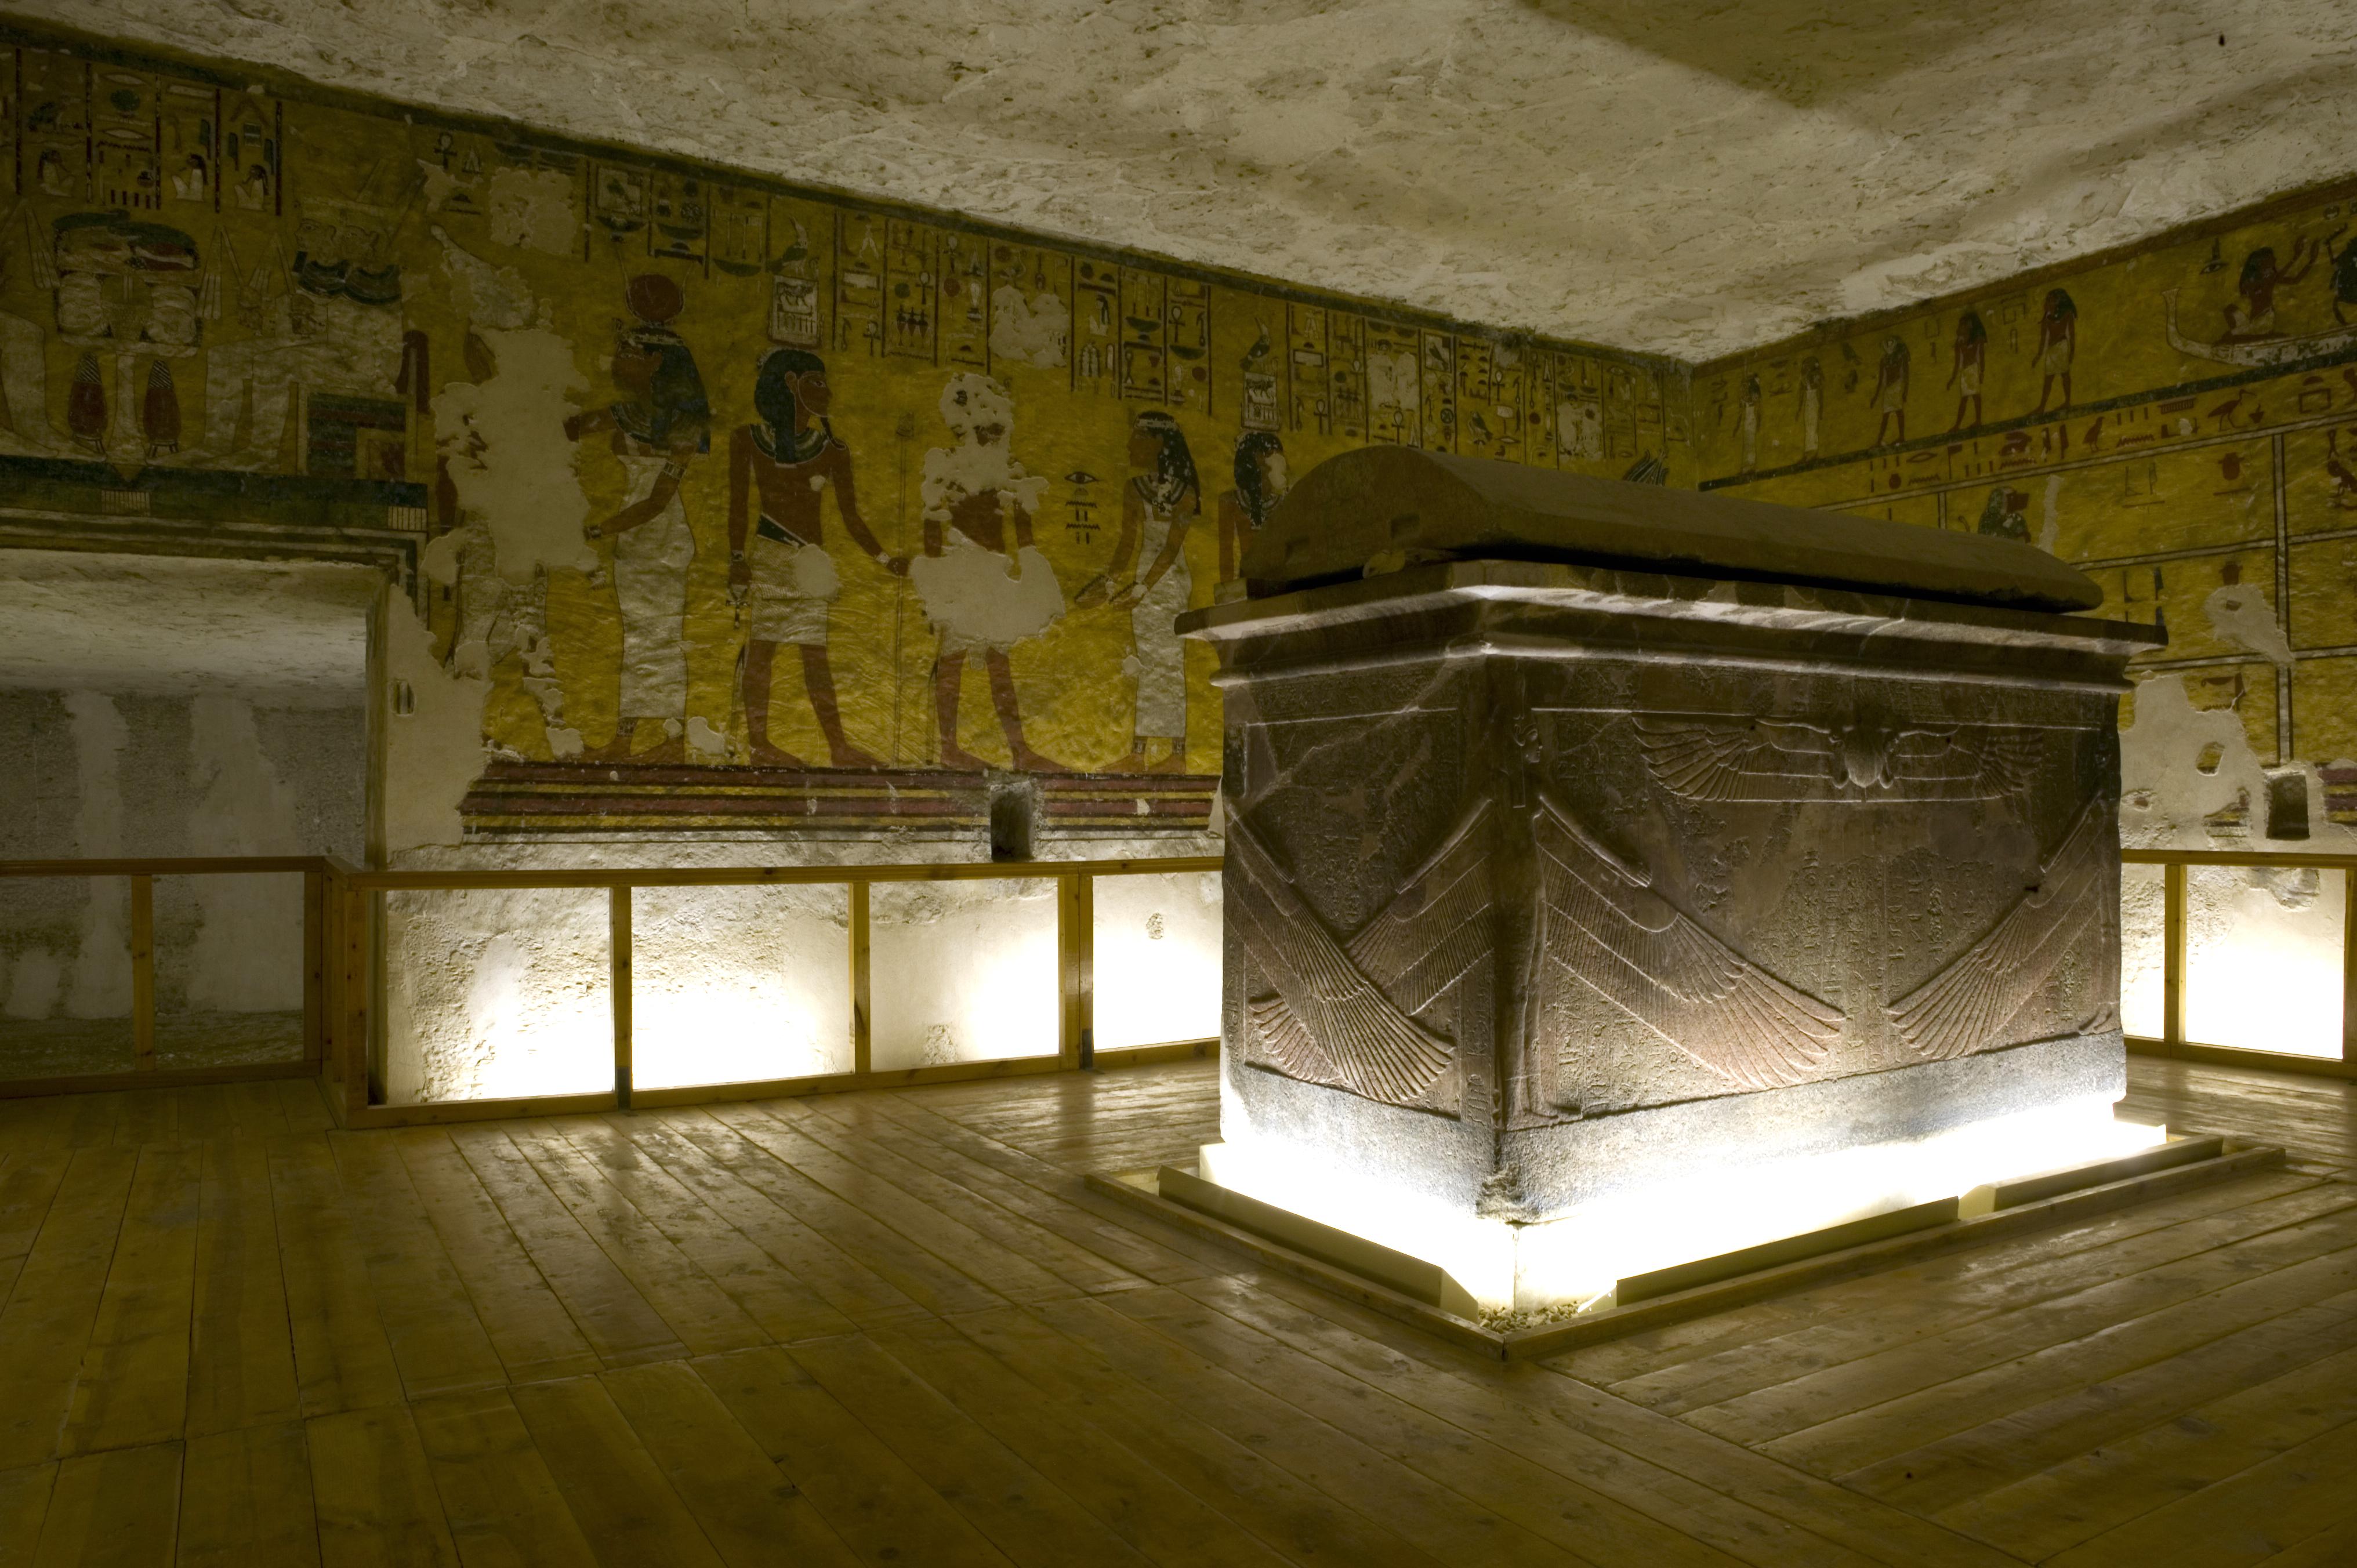 Mitos, creencias y leyendas del Antiguo Egipto - Egipto Circuito Egipto Básico